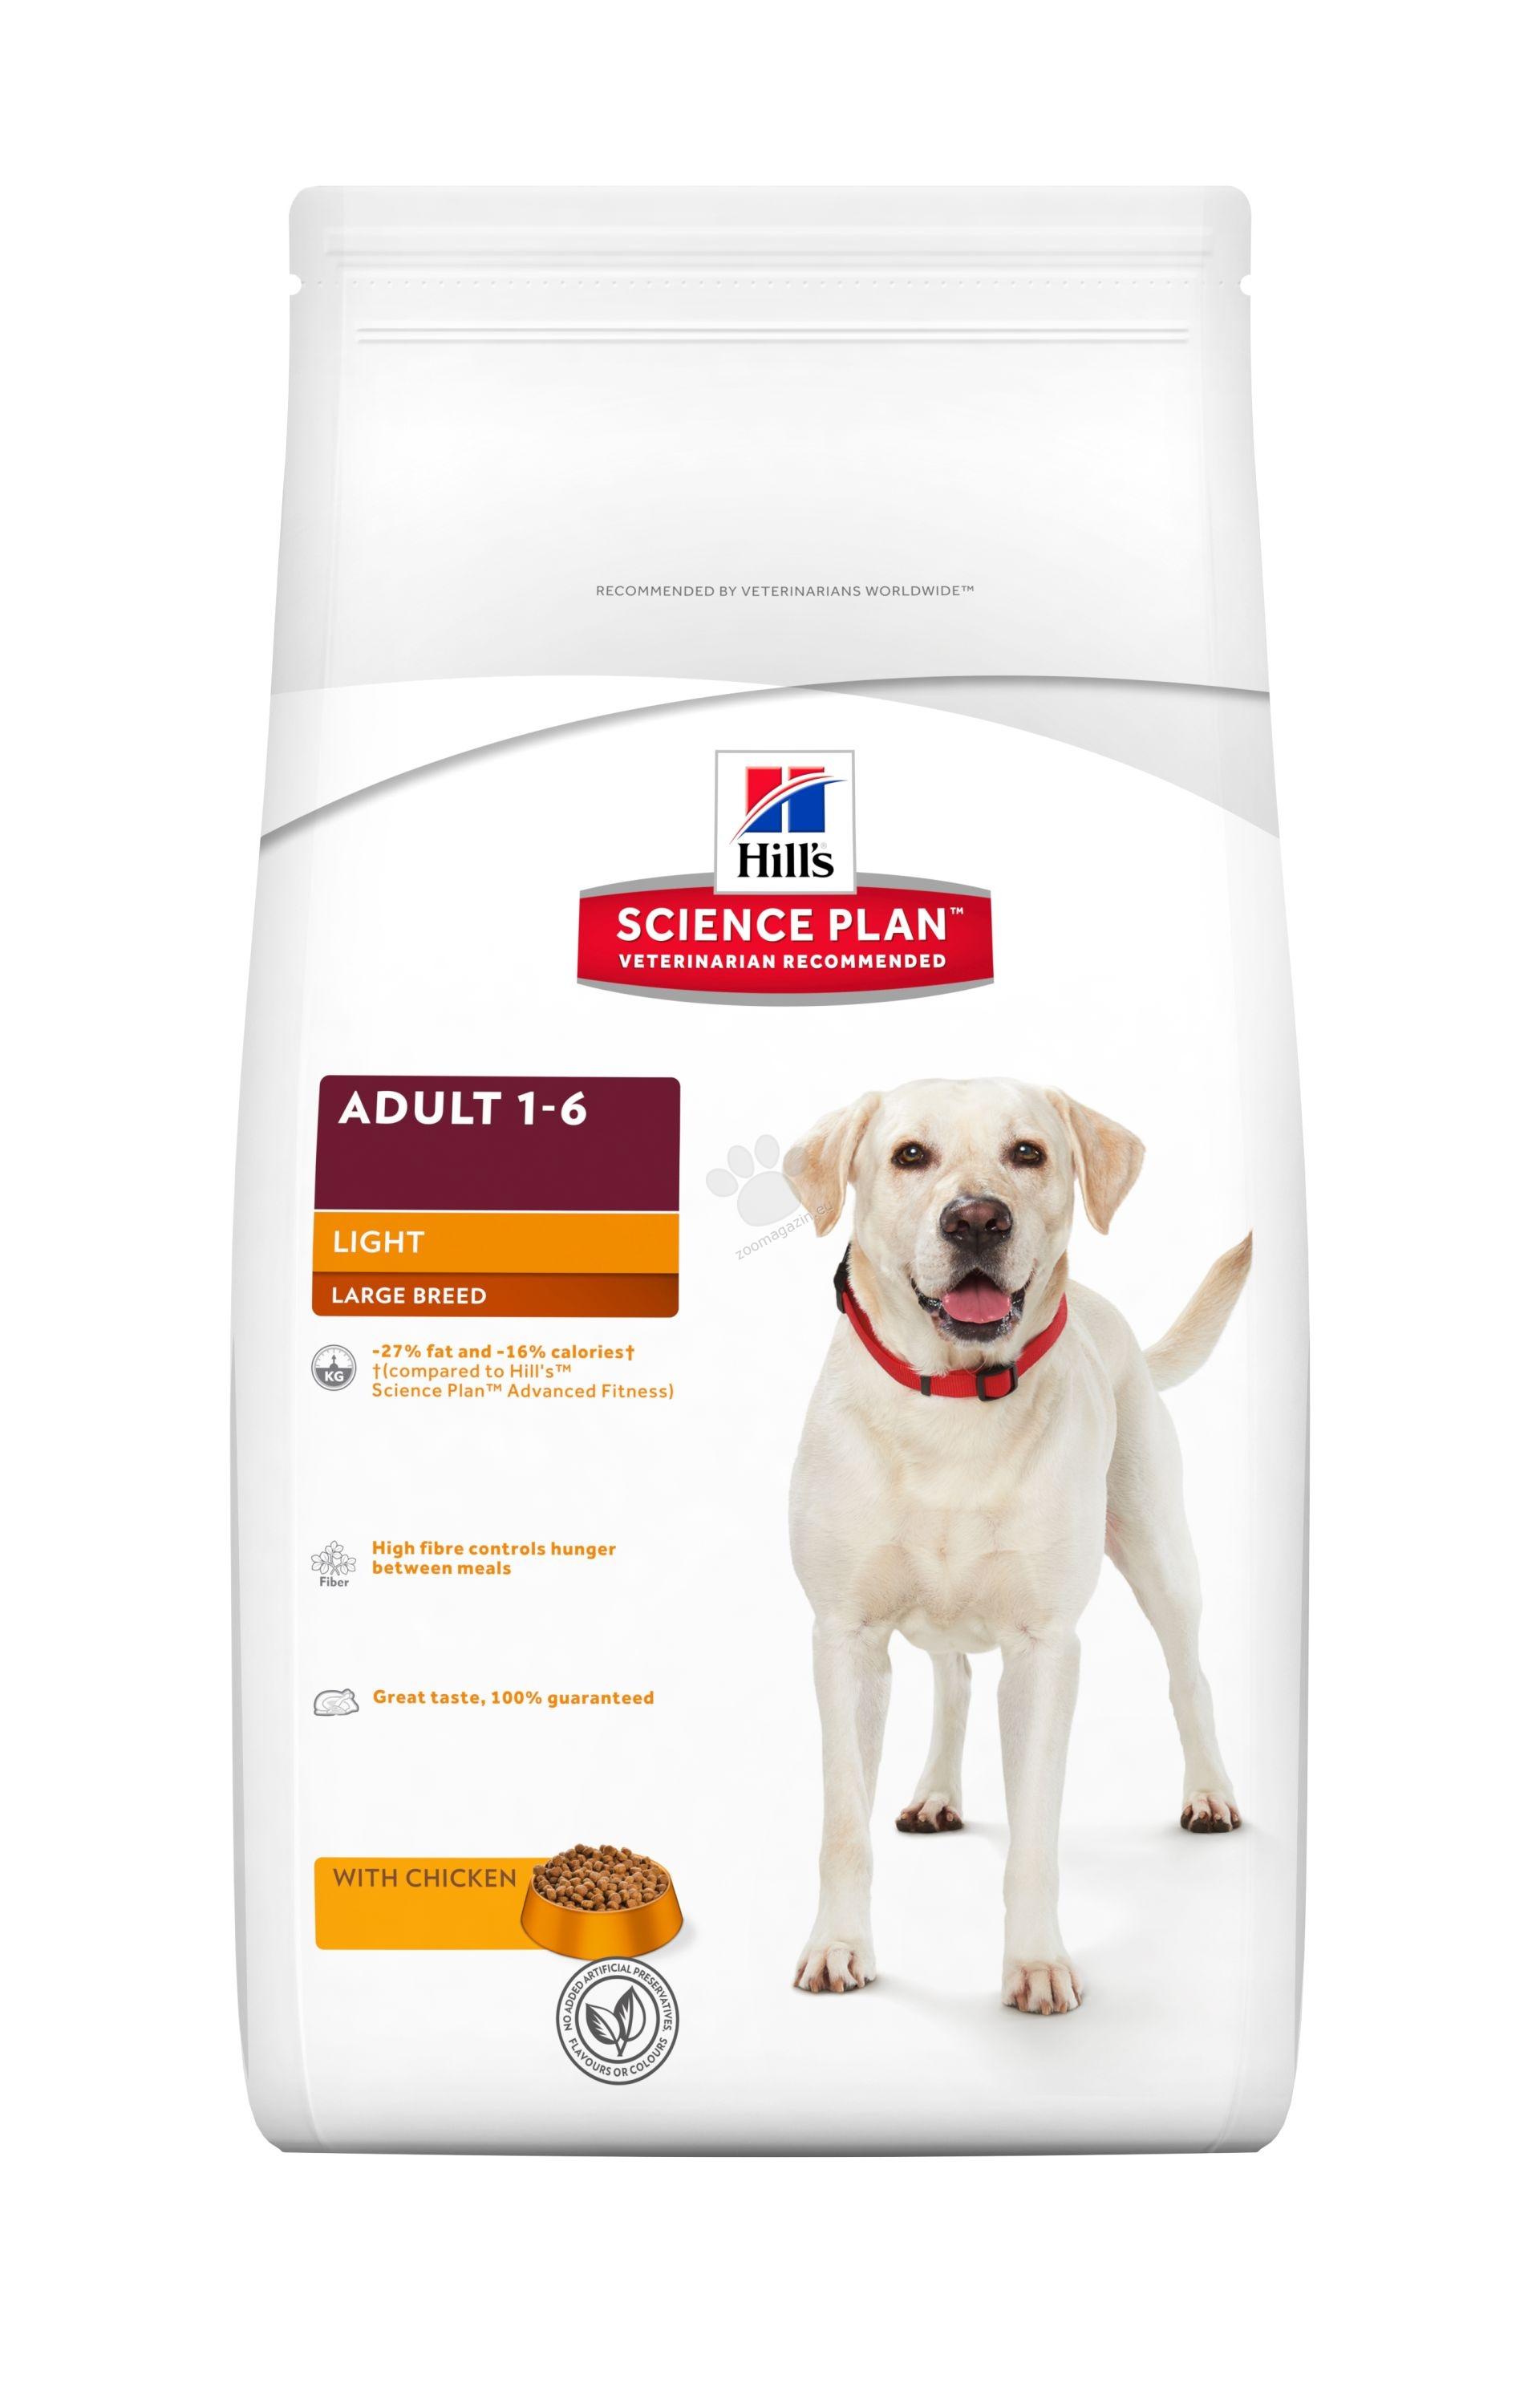 Science Plan Canine Adult Light Large Breed Chicken - Кучета от едри породи над 25кг, с понижени енергийни нужди, на възраст от 1 до 5 години (например кучета с ниска физическа активност, кастрирани или със склонност към натрупване на наднормено тегло) 12 кг.